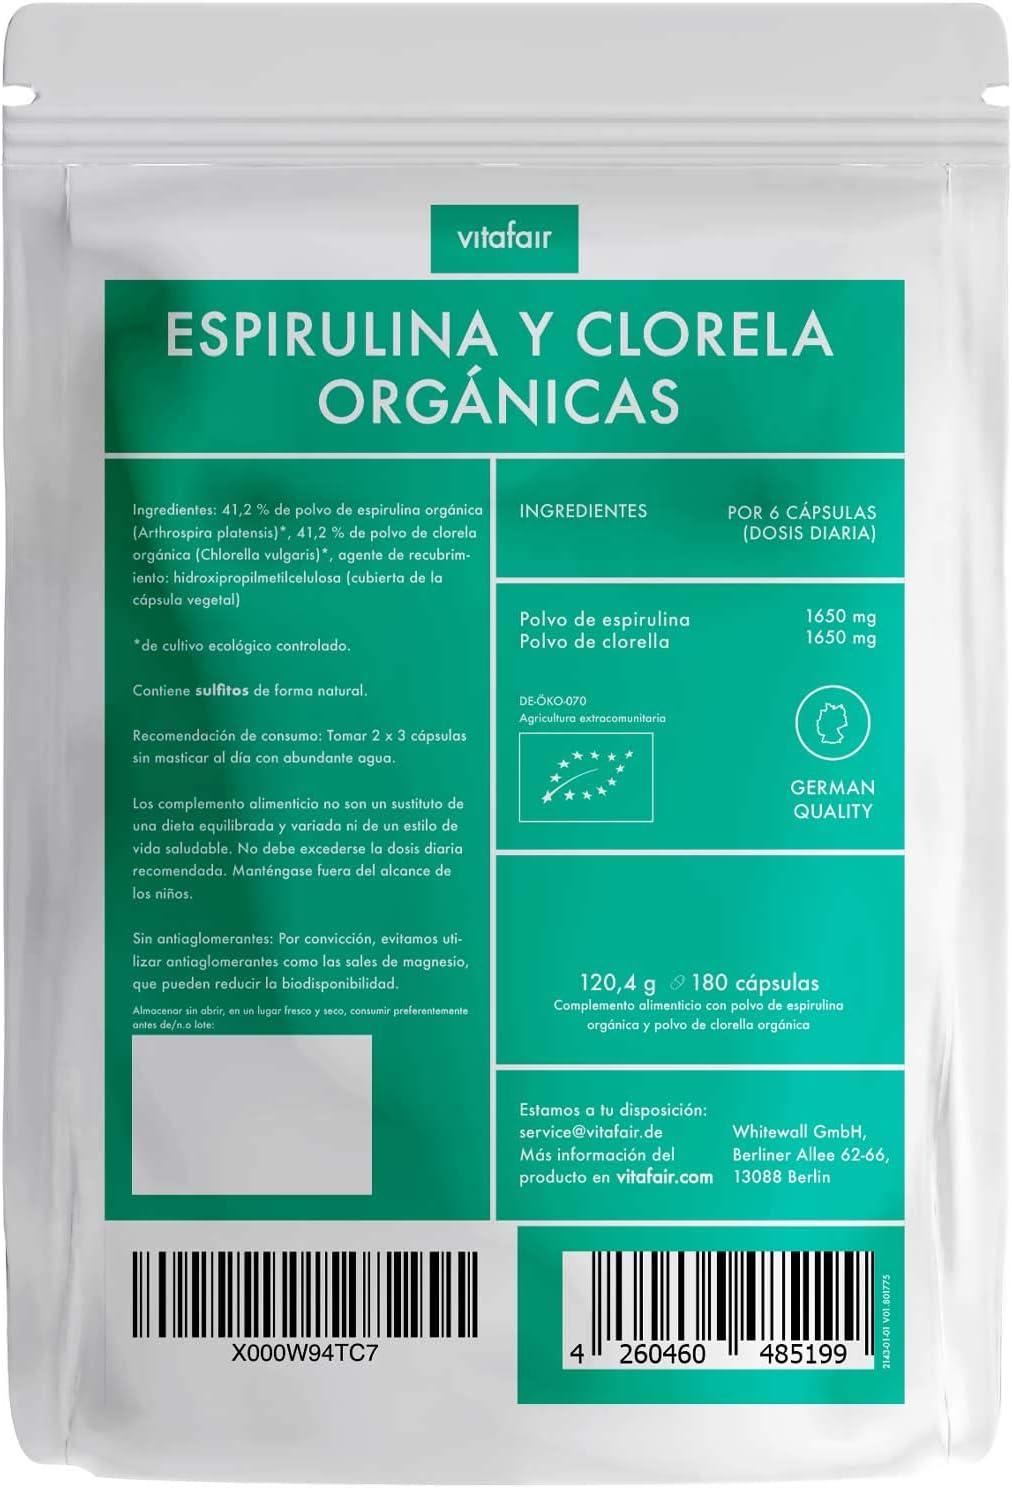 Chlorella & Spirulina orgánica y ecológica - 3300mg por porción - 180 cápsulas - 100% puro - Vegano - Máxima biodisponibilidad - Calidad Alemana